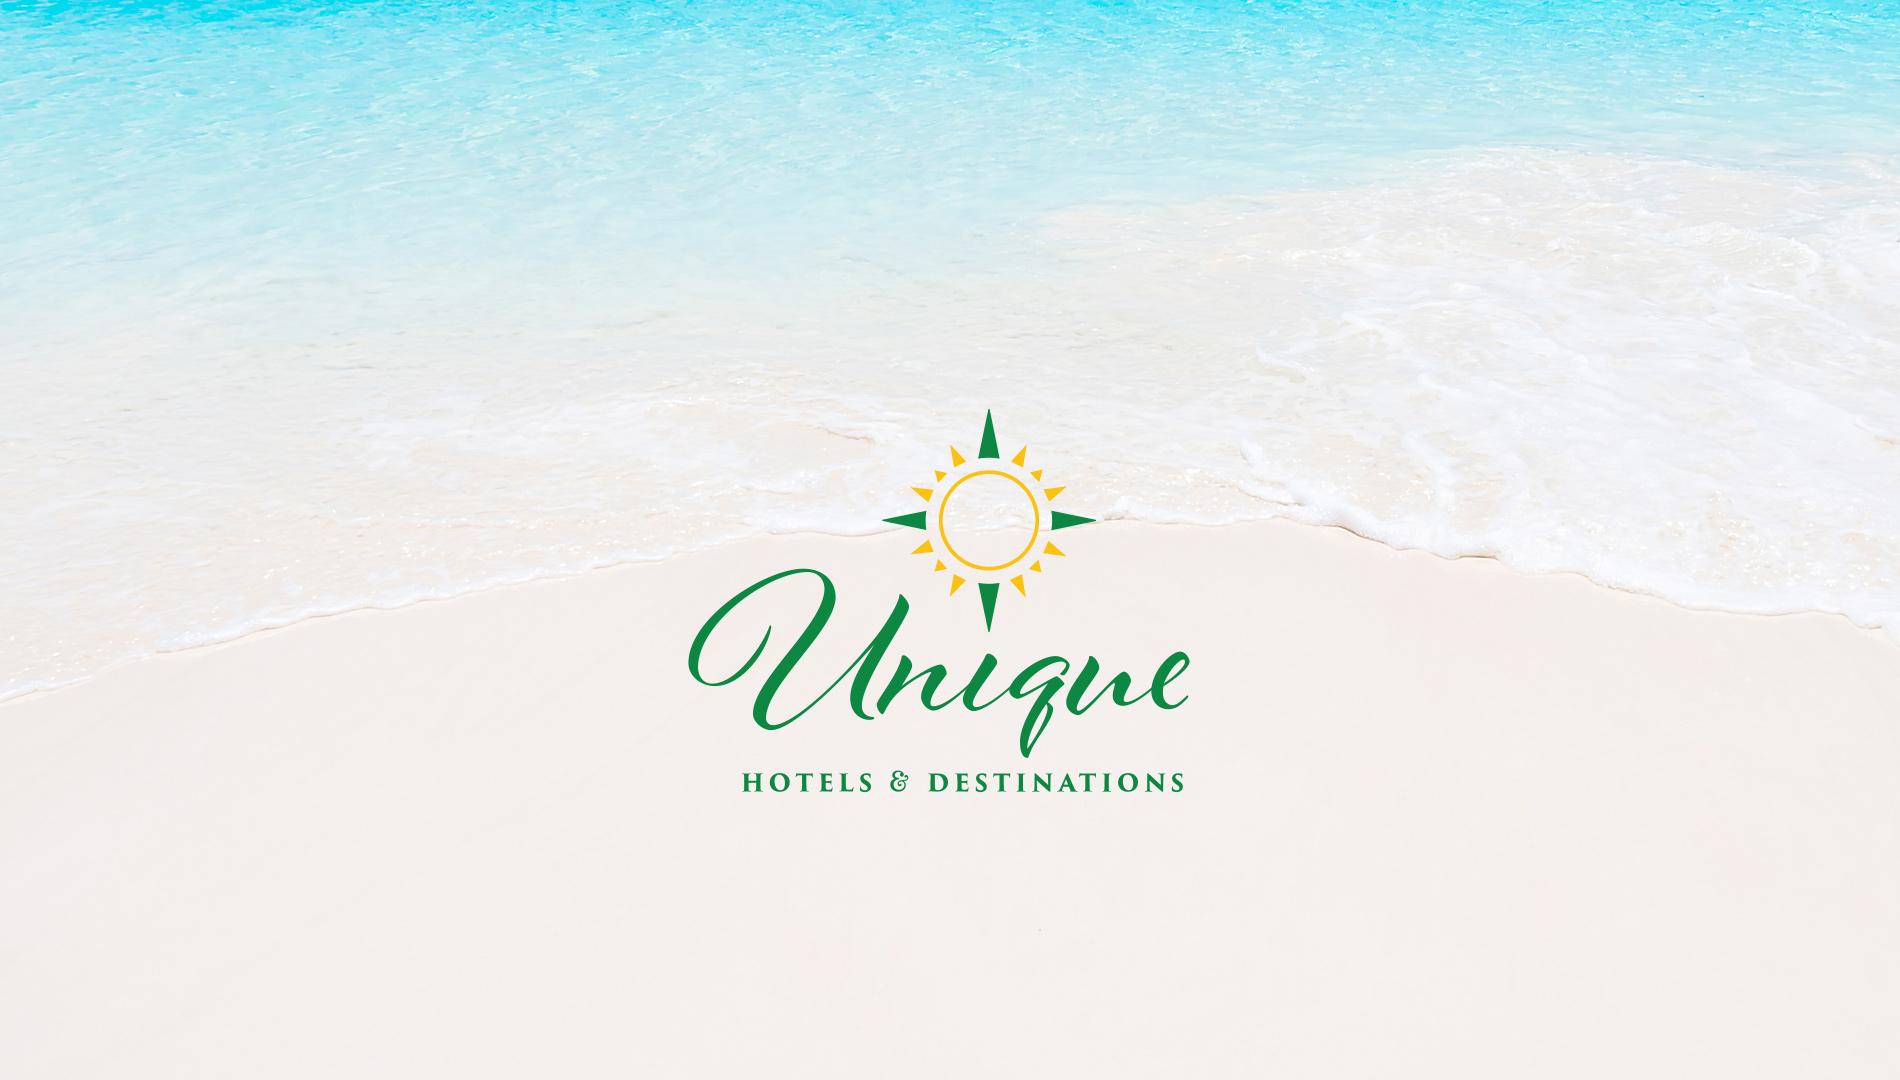 Unique Hotels and Destinations Logo